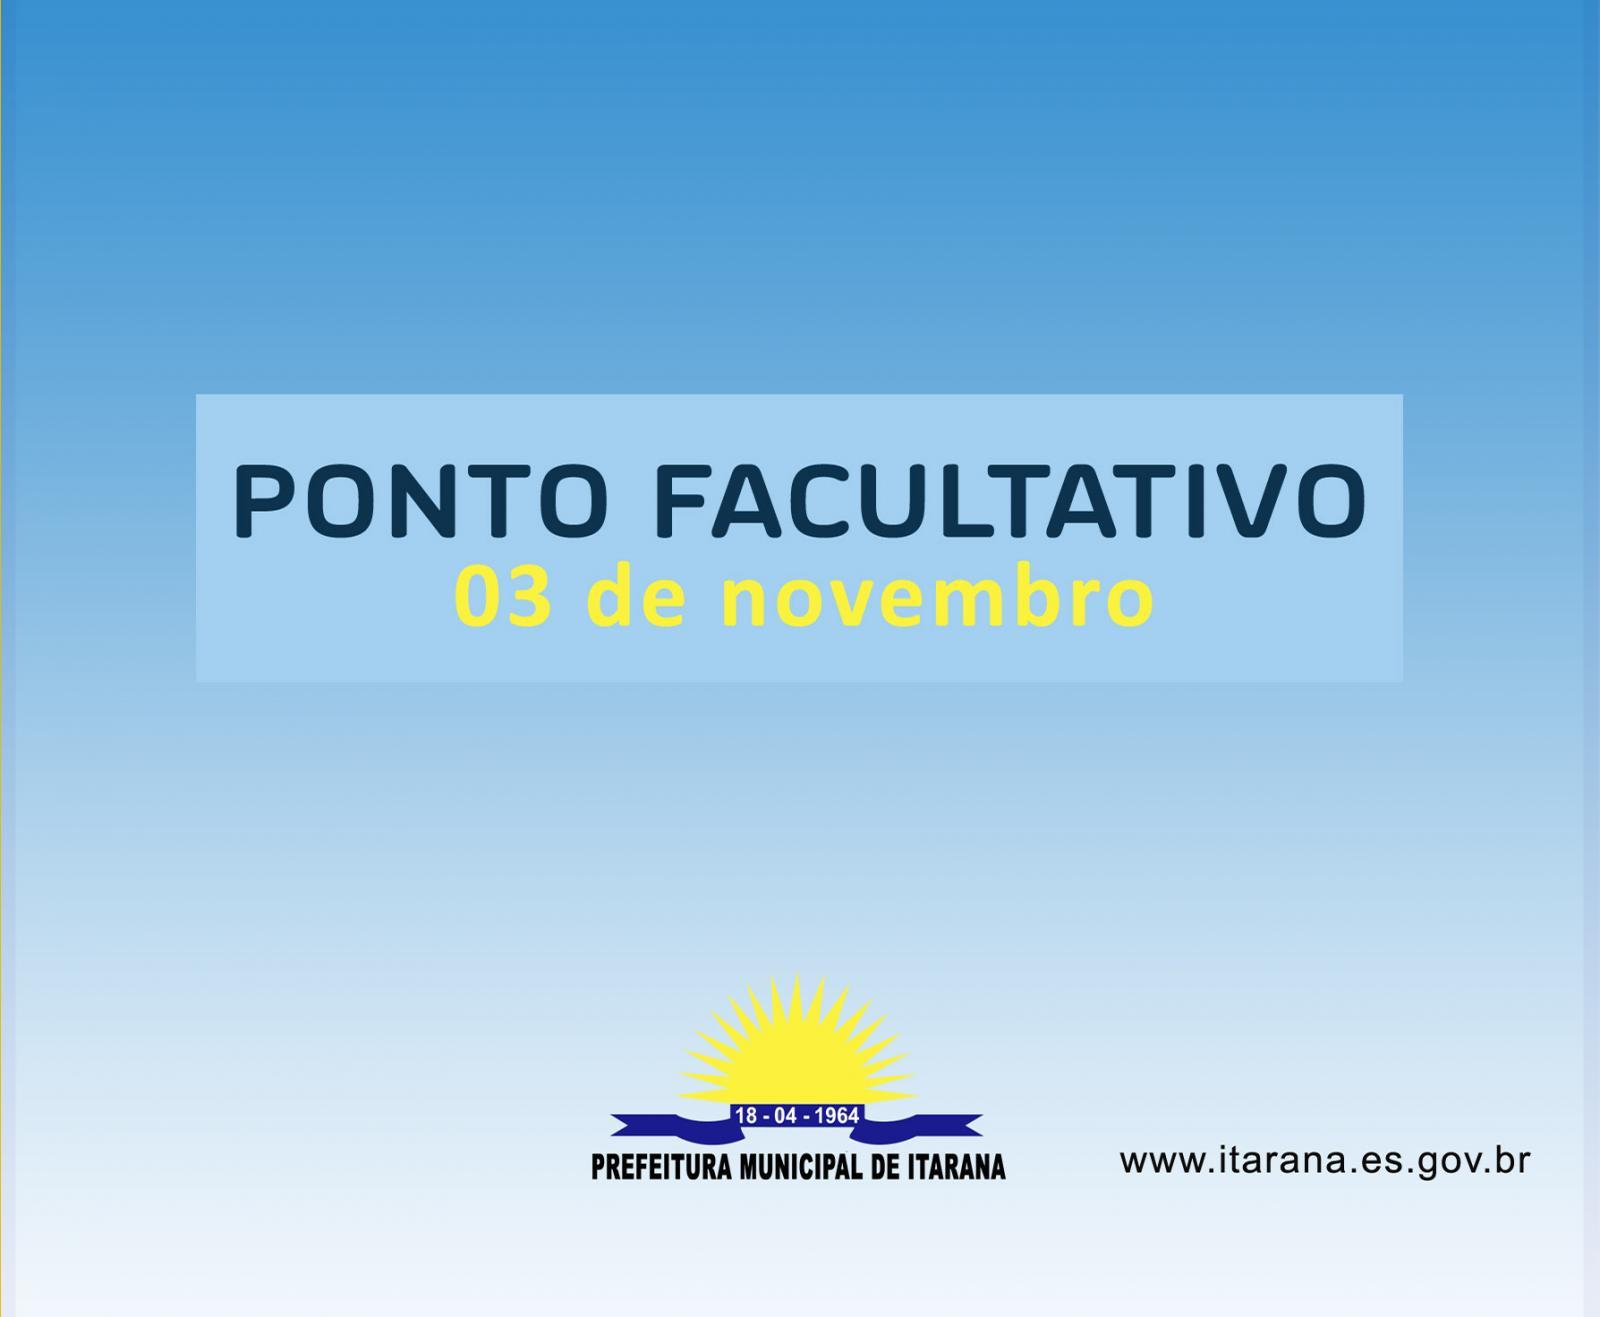 Prefeitura de Itarana decreta ponto facultativo nesta sexta (03)